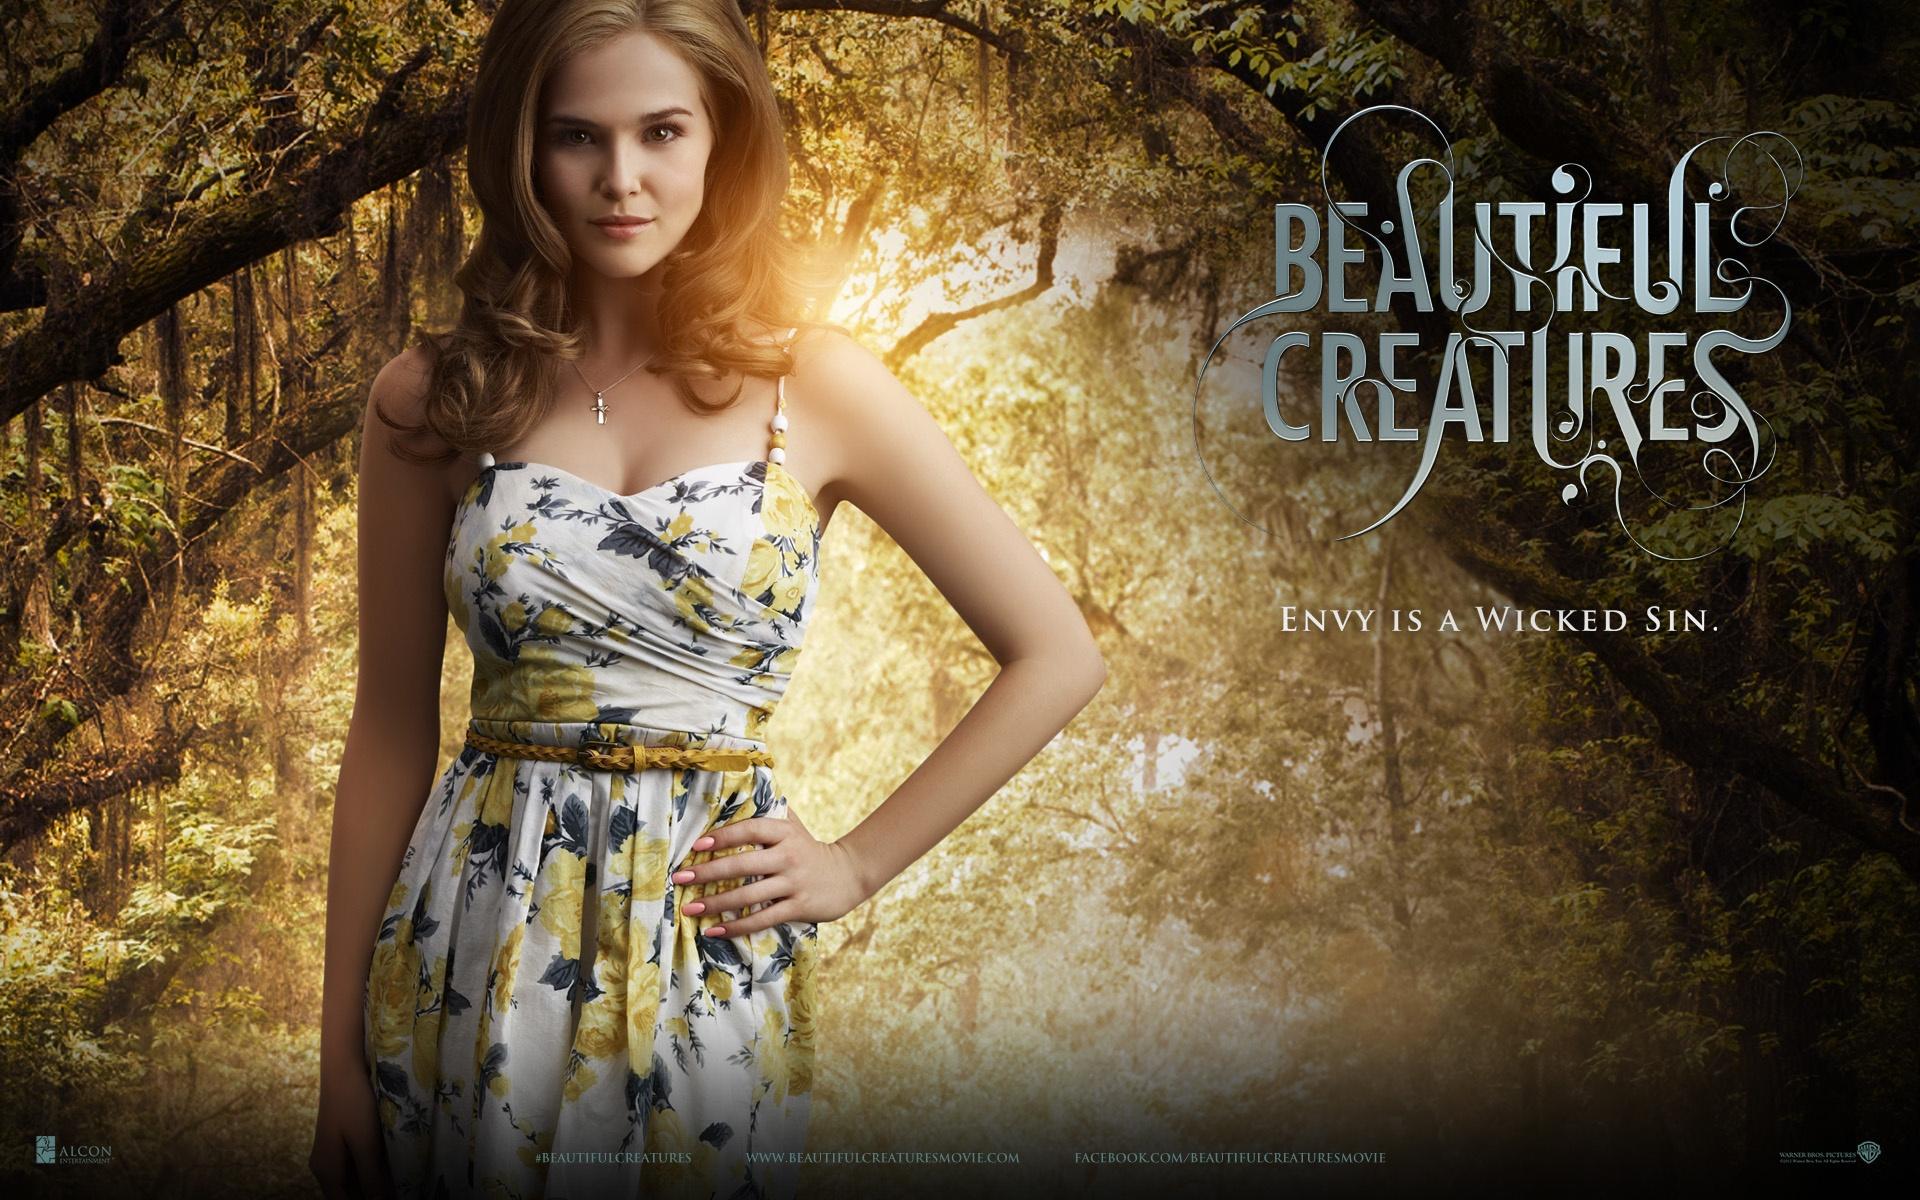 Zoey Deutch Beautiful Creatures Download Wallpaper 192...